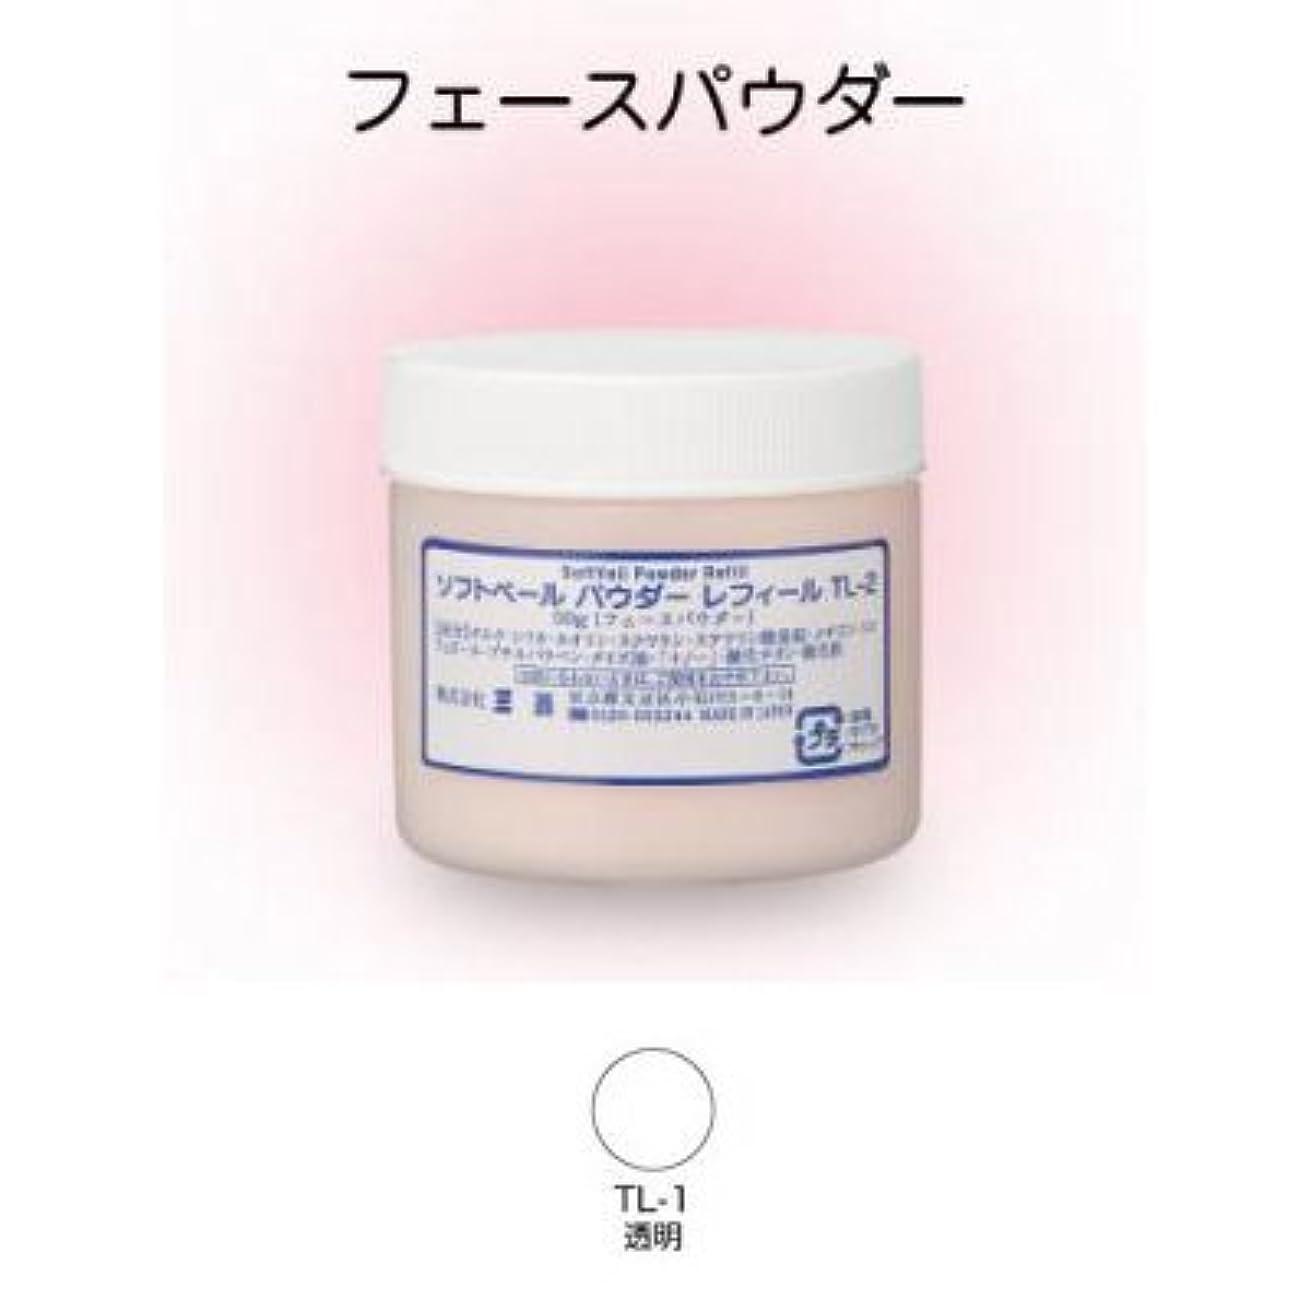 評決電圧アレルギーソフトベールパウダー レフィール 50g TL-1透明 【三善】